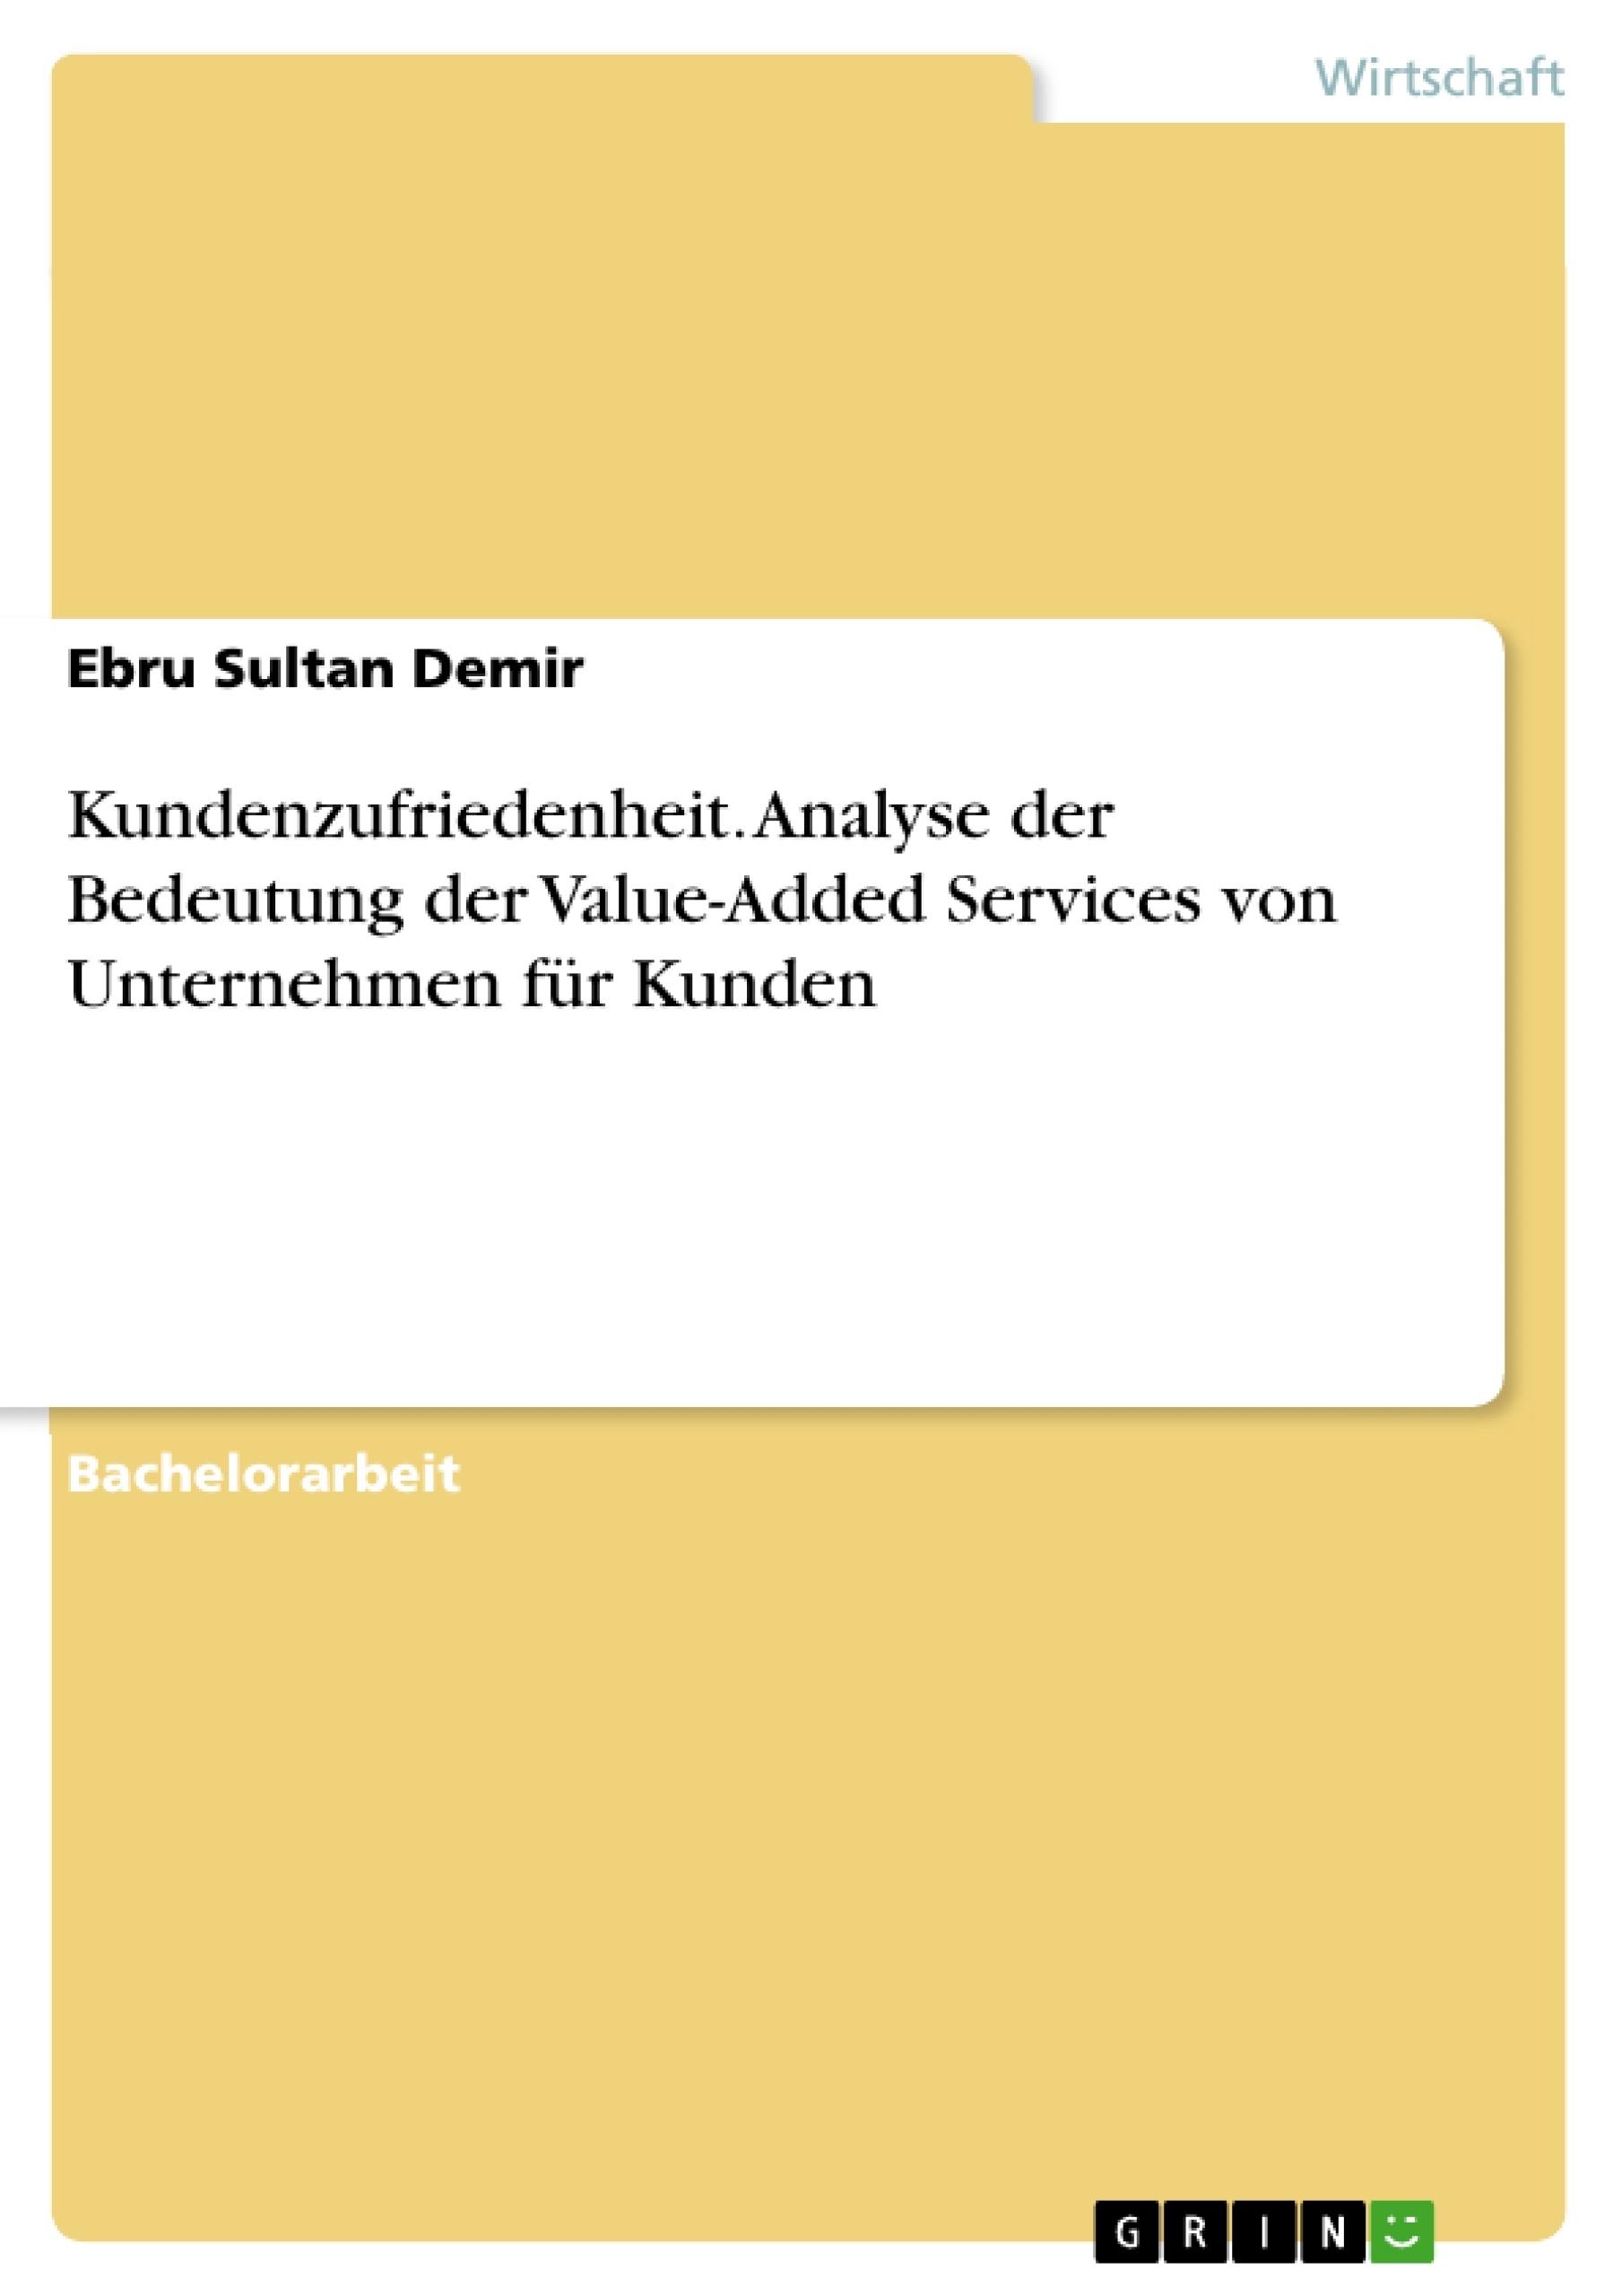 Titel: Kundenzufriedenheit. Analyse der Bedeutung  der Value-Added Services von Unternehmen für Kunden